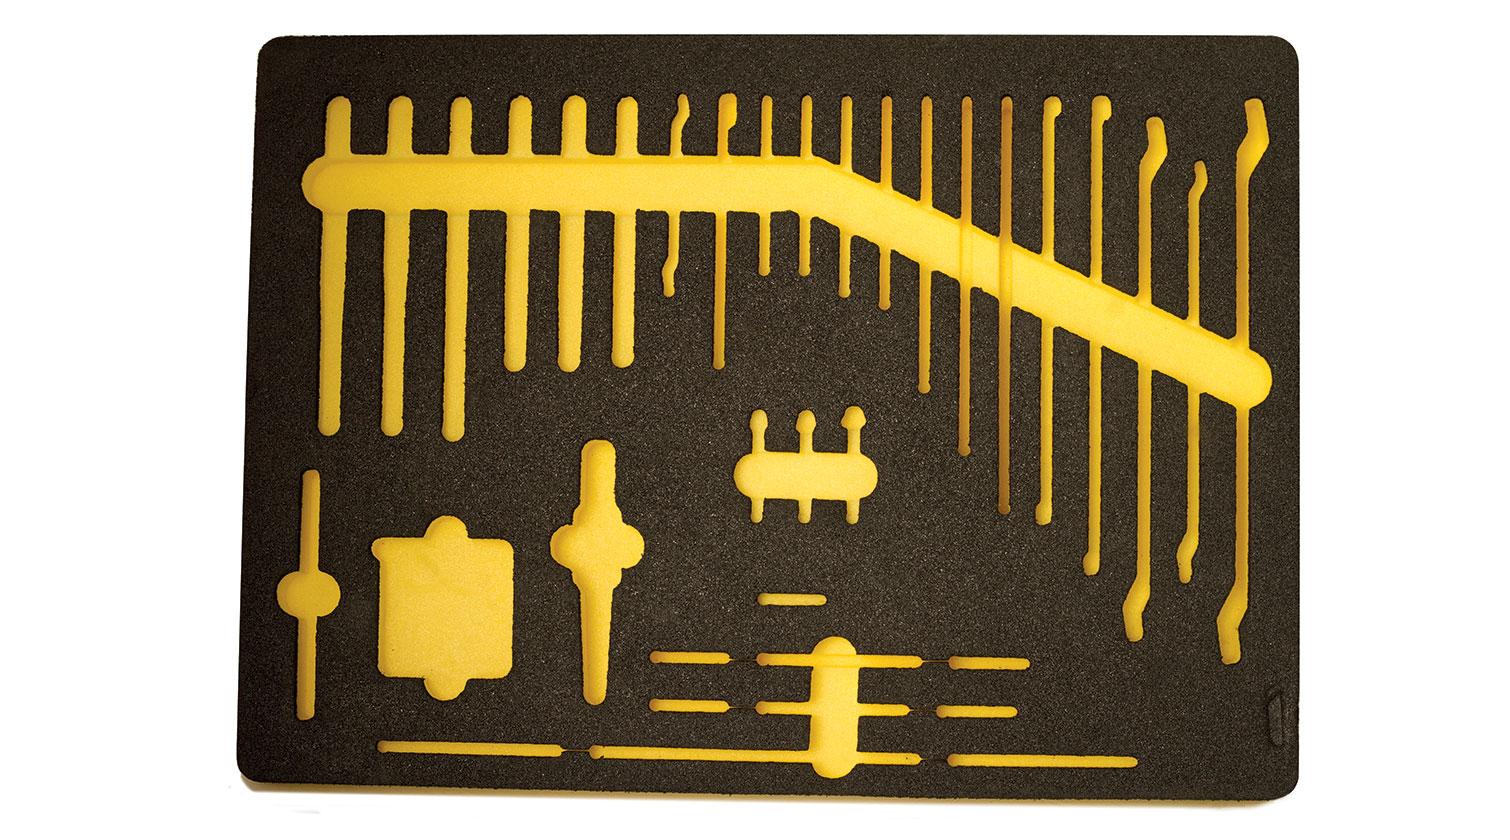 INT CNC Imes Icore FlatCom sample 2